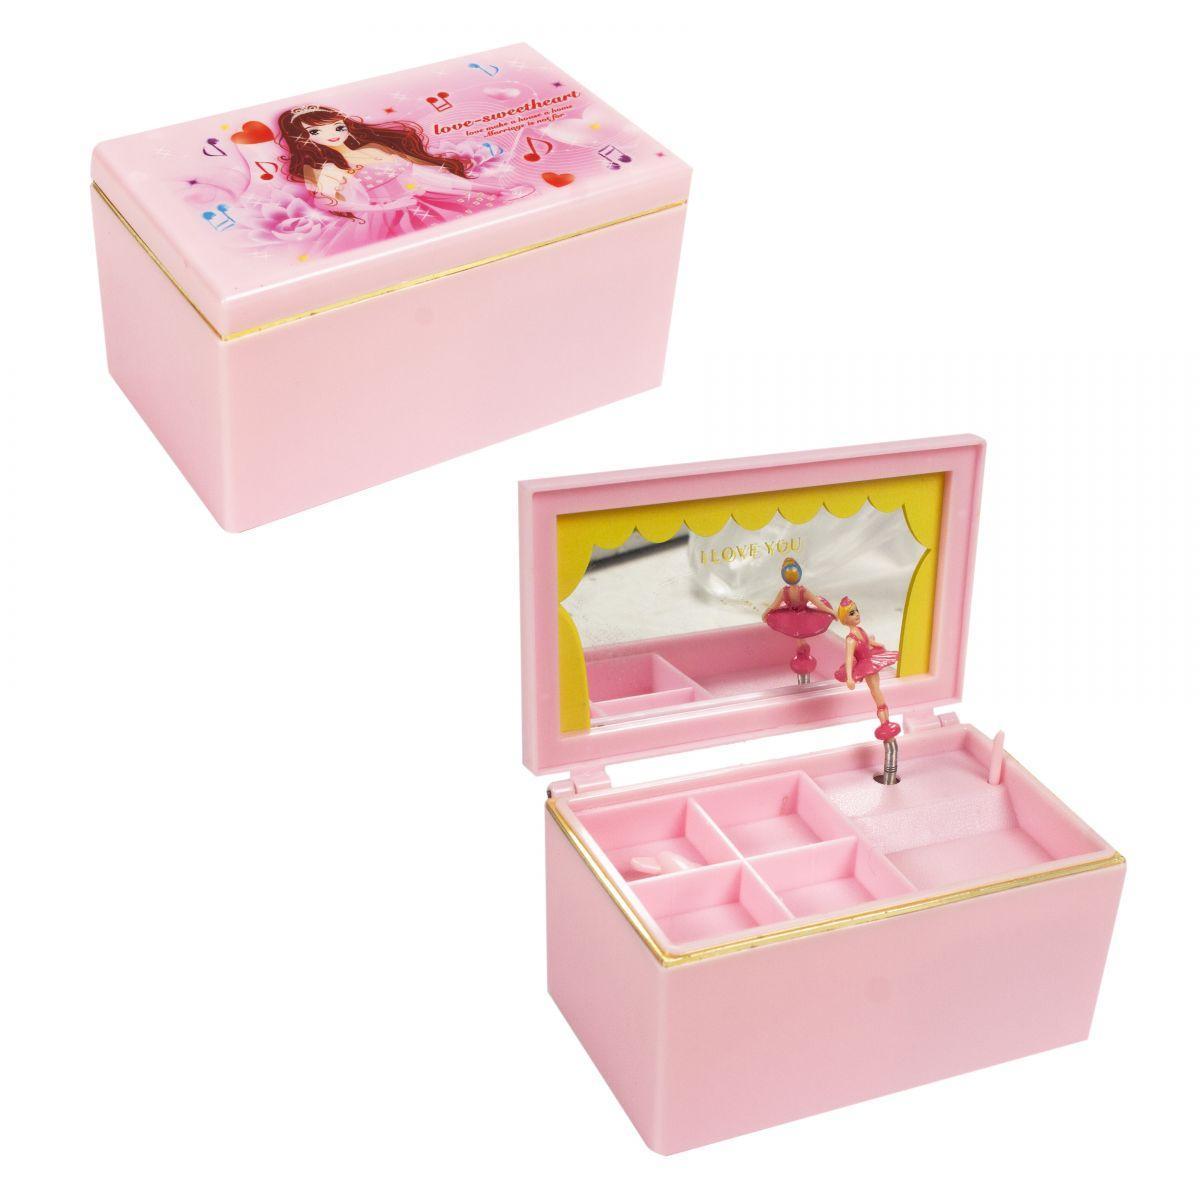 Детская Шкатулка музыкальная с зеркалом и балериной Принцесса, 6010/6014